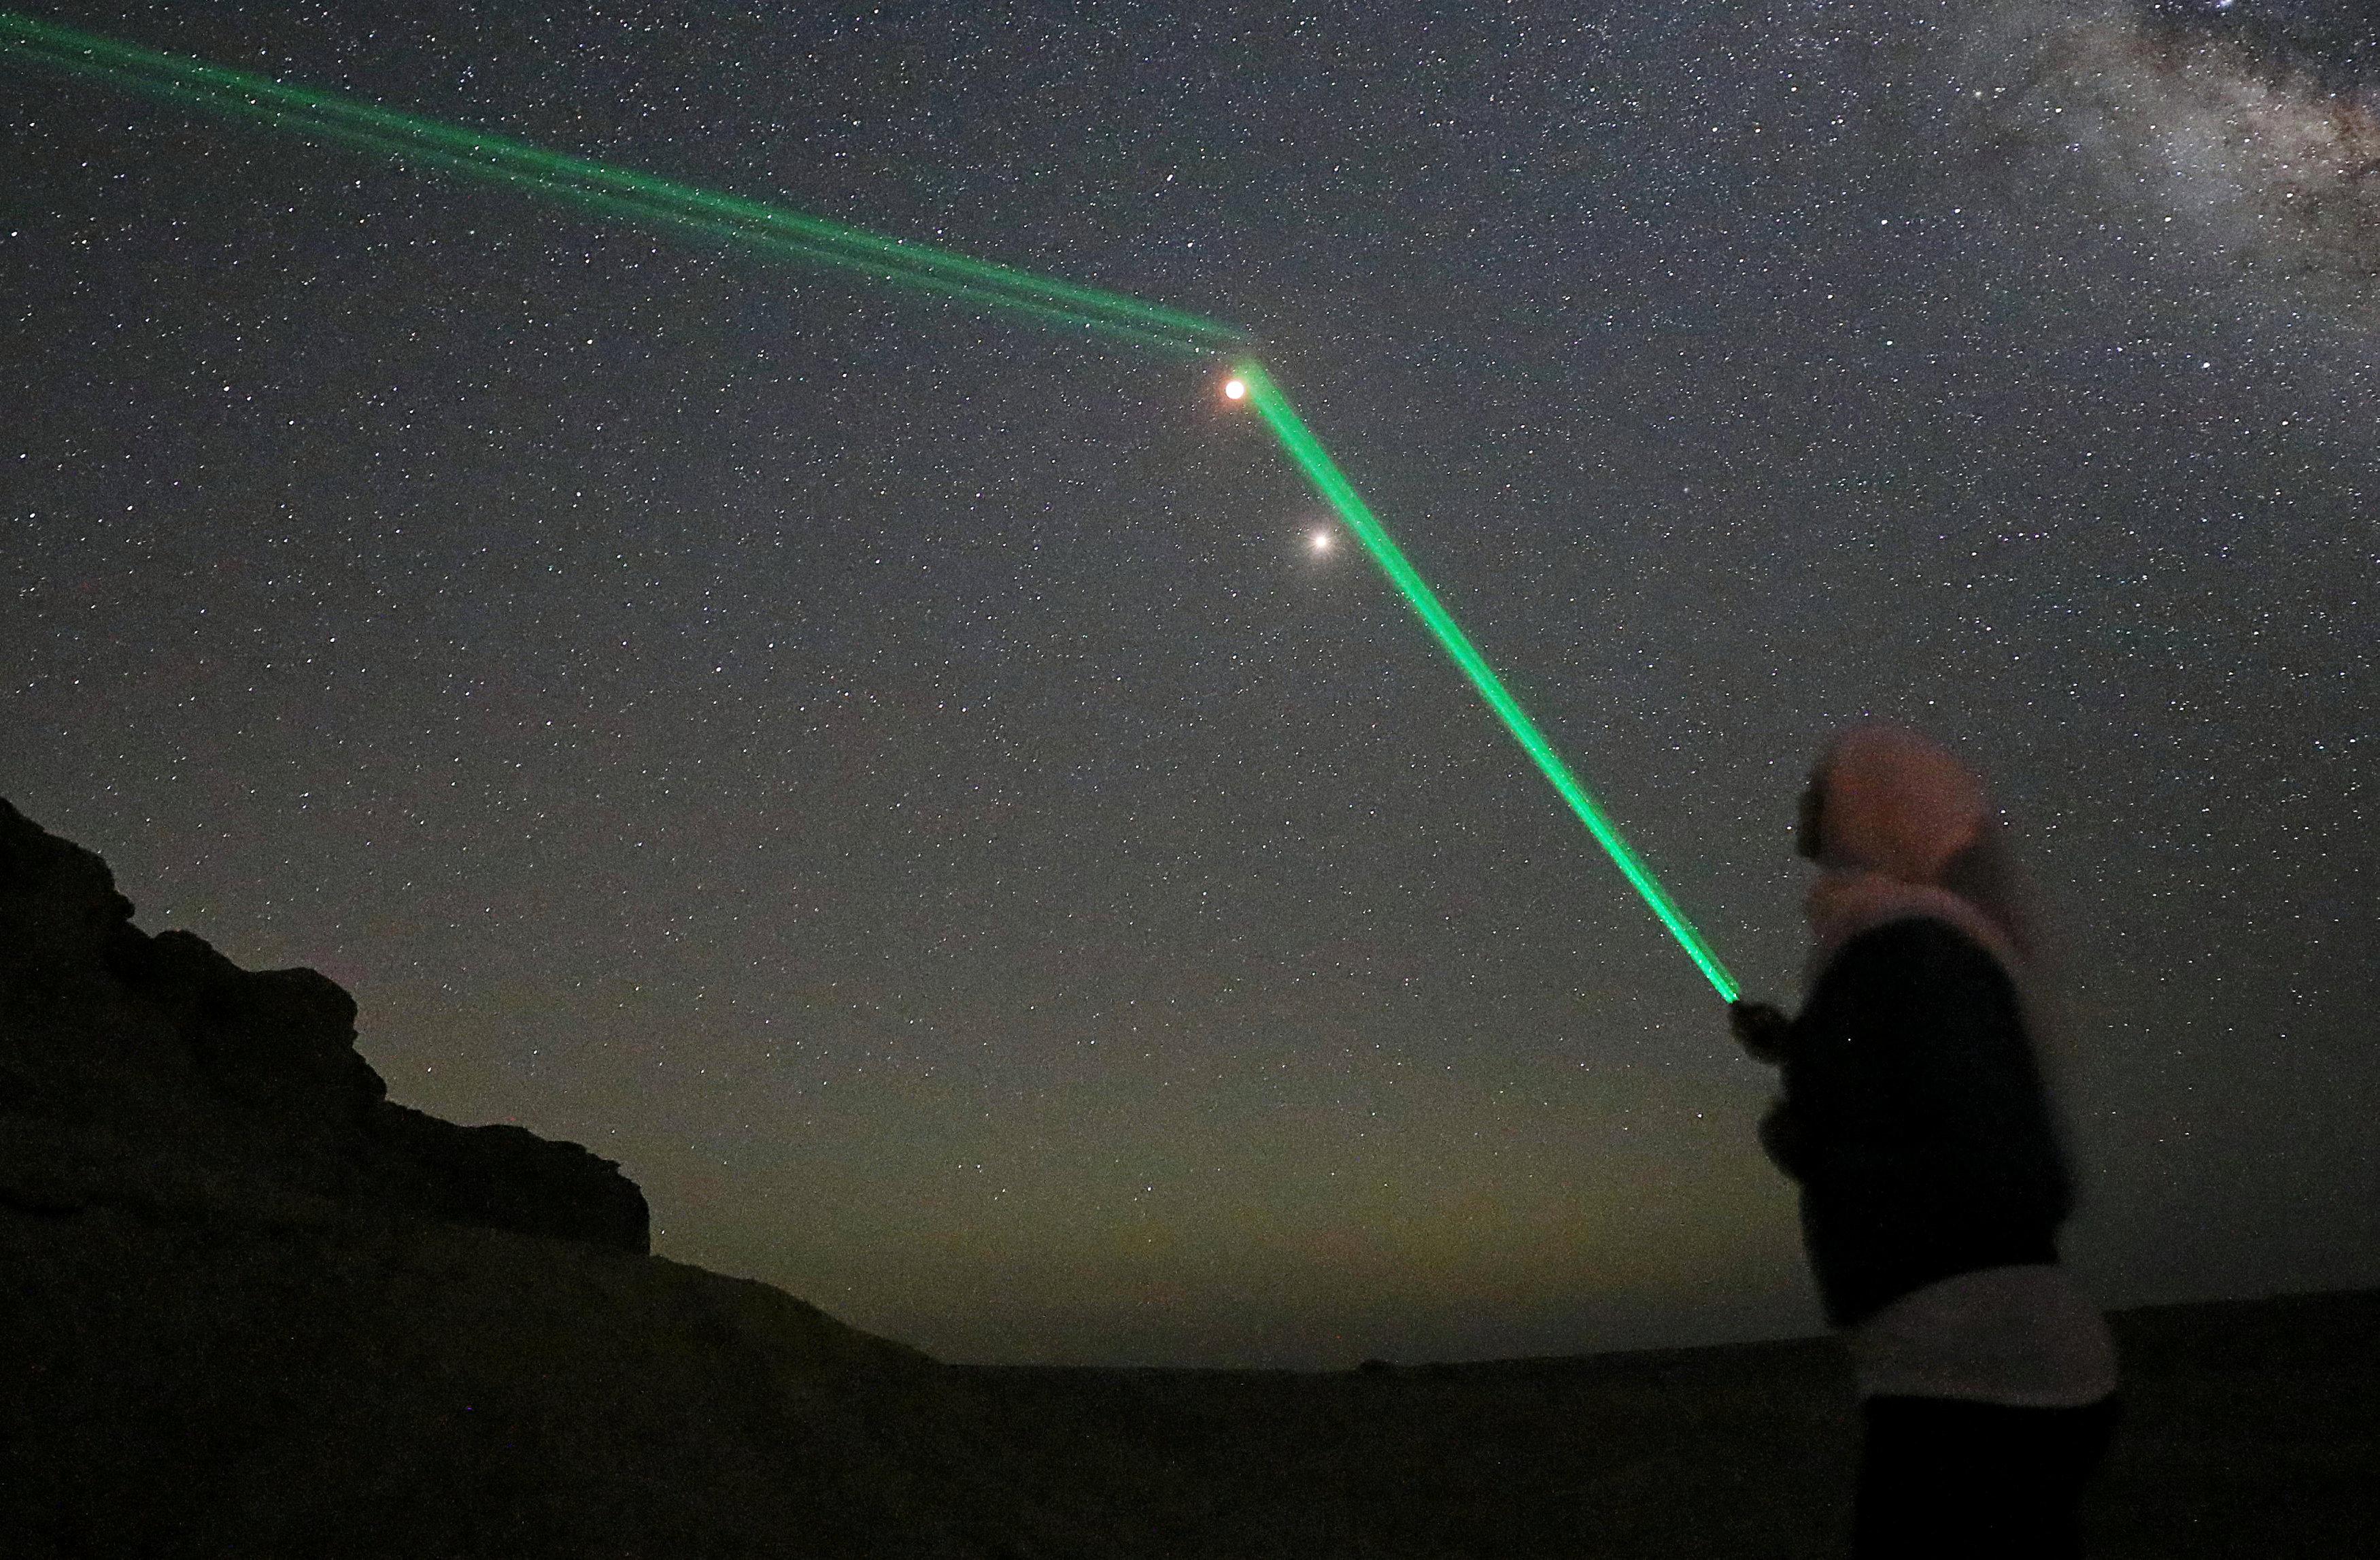 فتاة بمحافظة الفيوم توجه الليزر للقمر